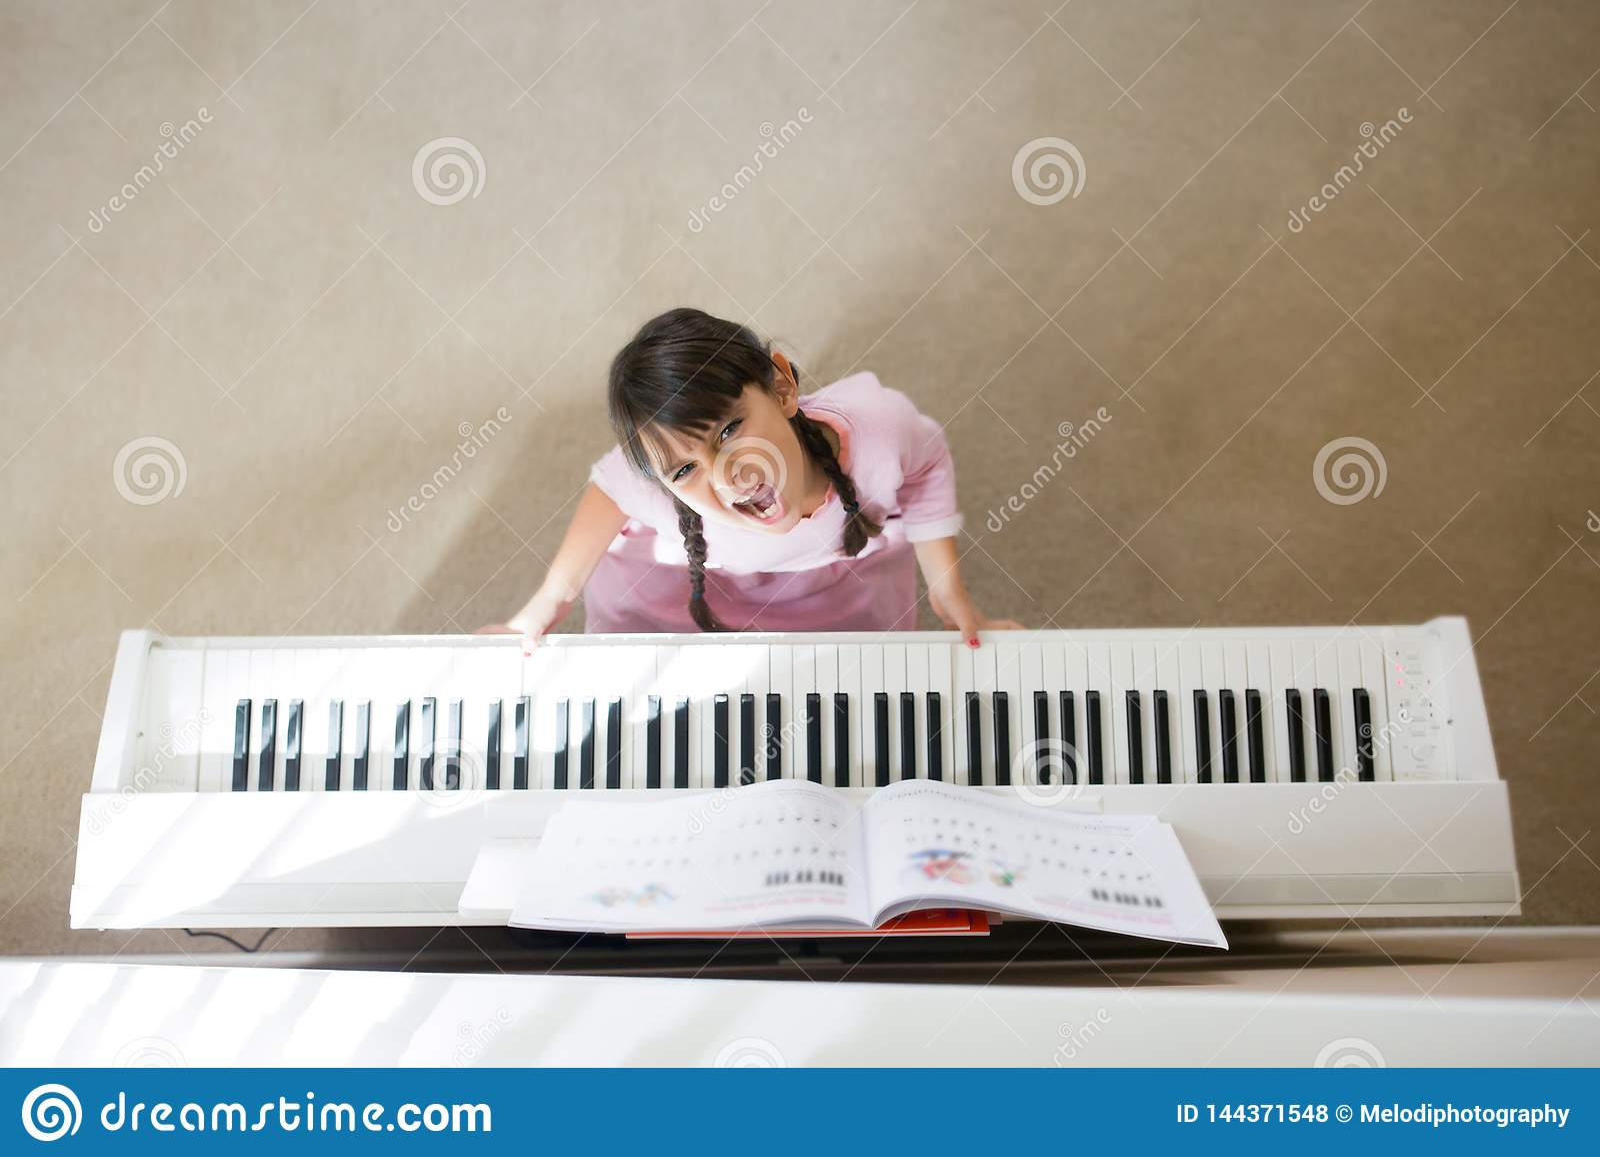 Ragazza sollecitata che gioca piano